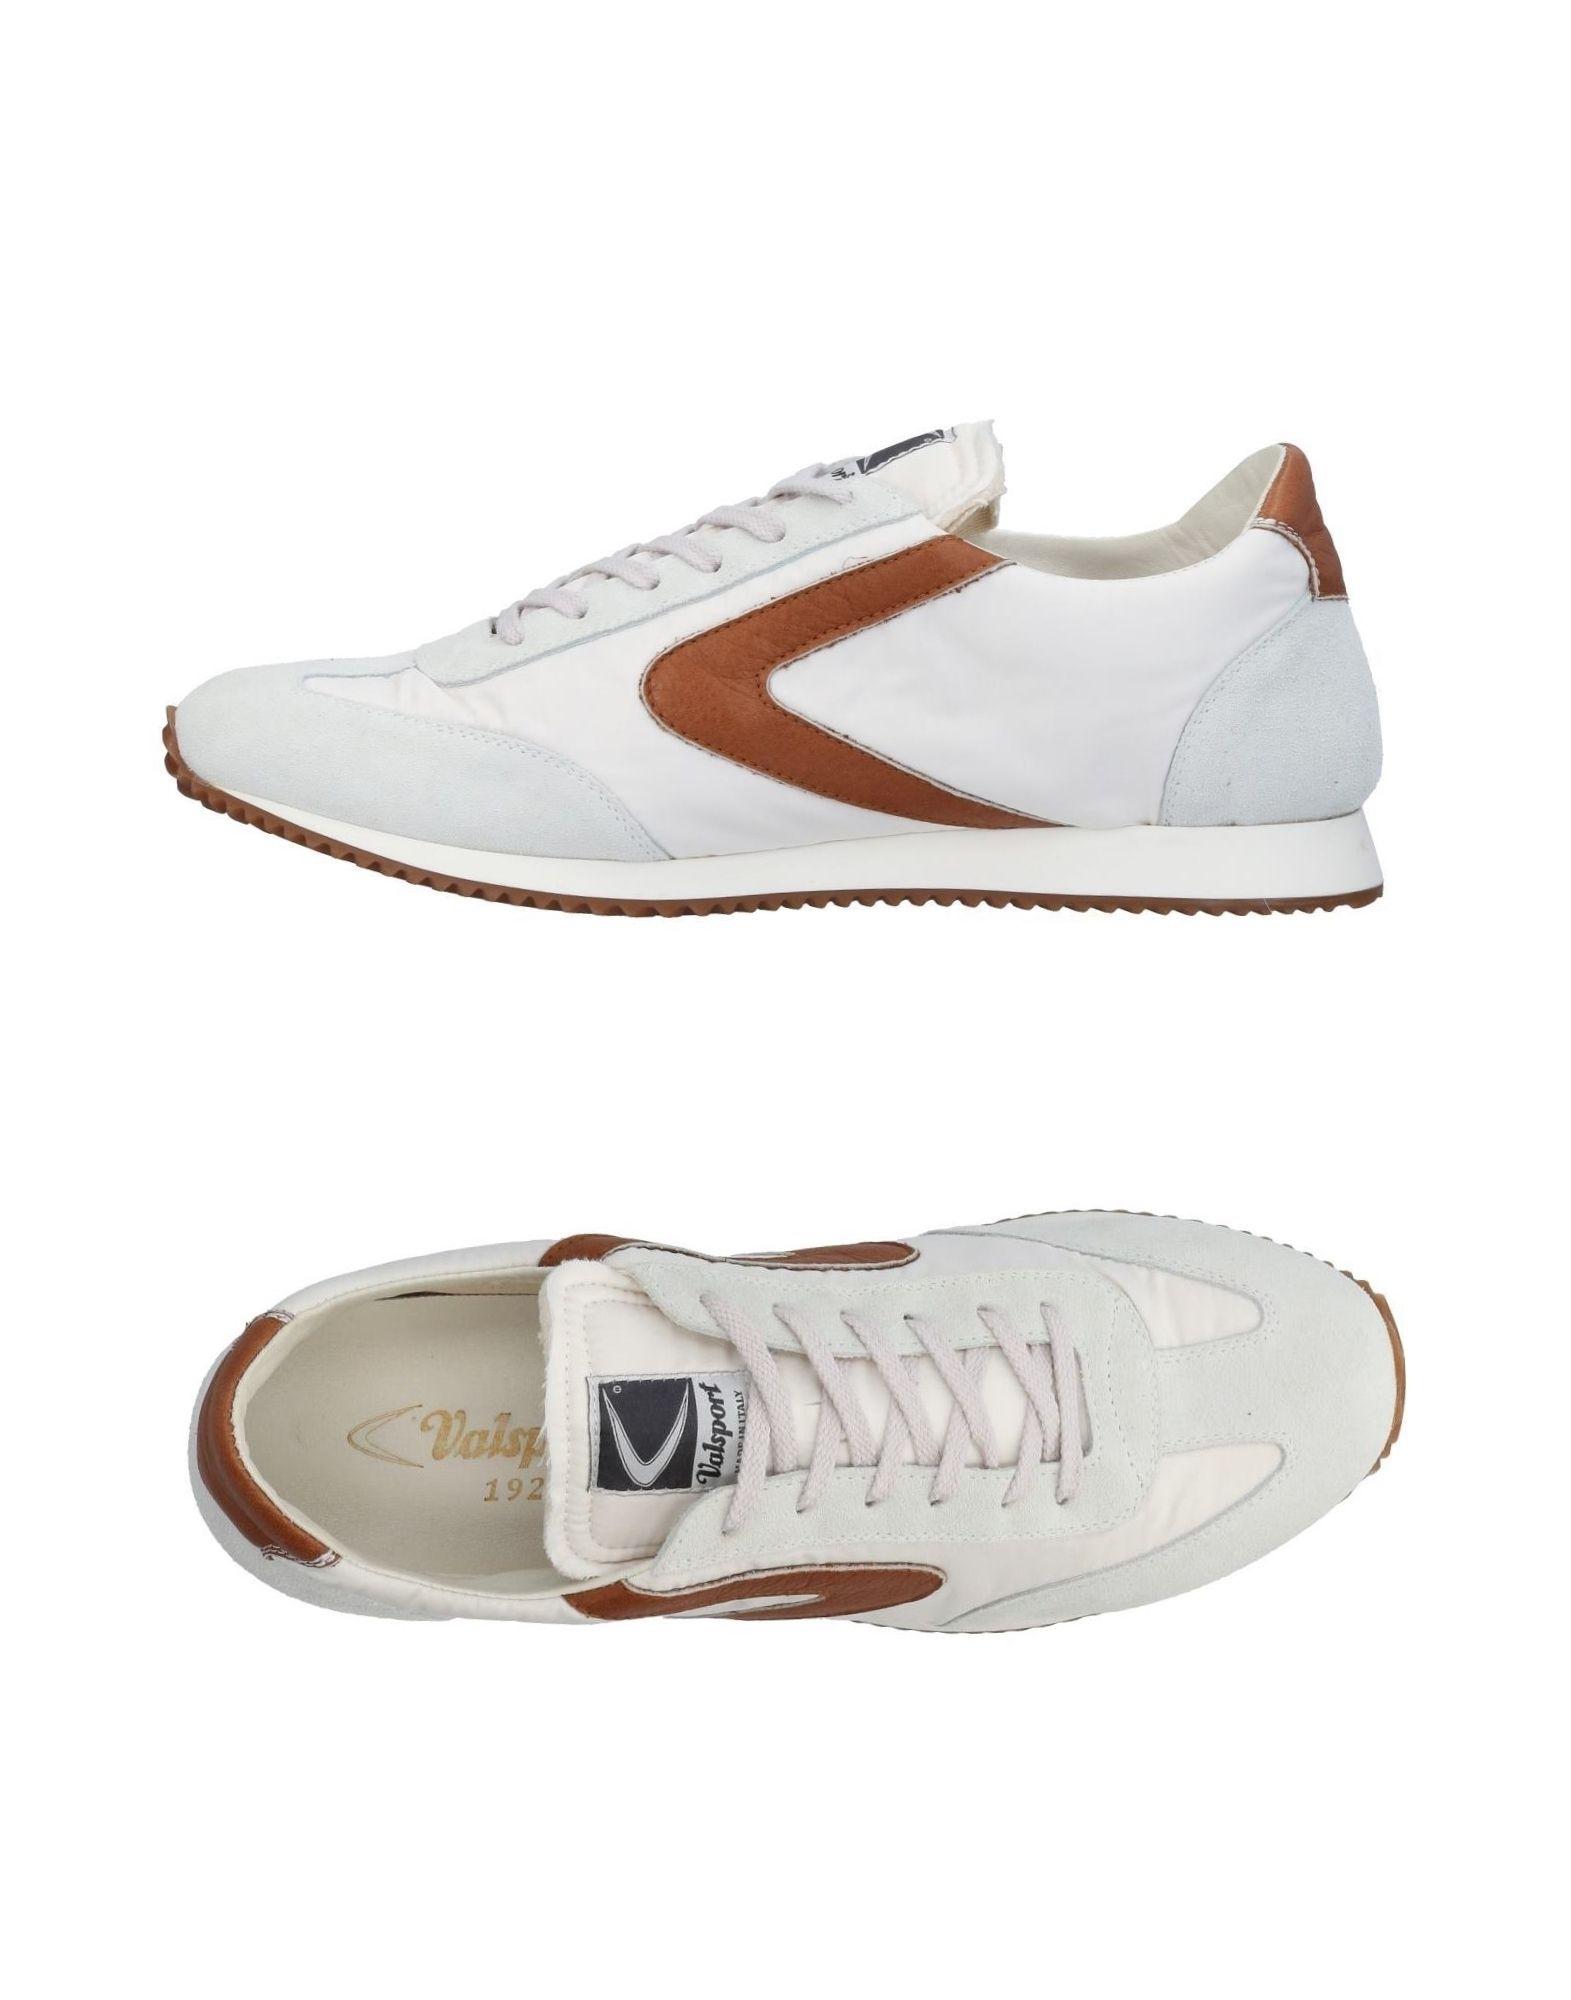 《送料無料》VALSPORT メンズ スニーカー&テニスシューズ(ローカット) ホワイト 40 紡績繊維 / 革